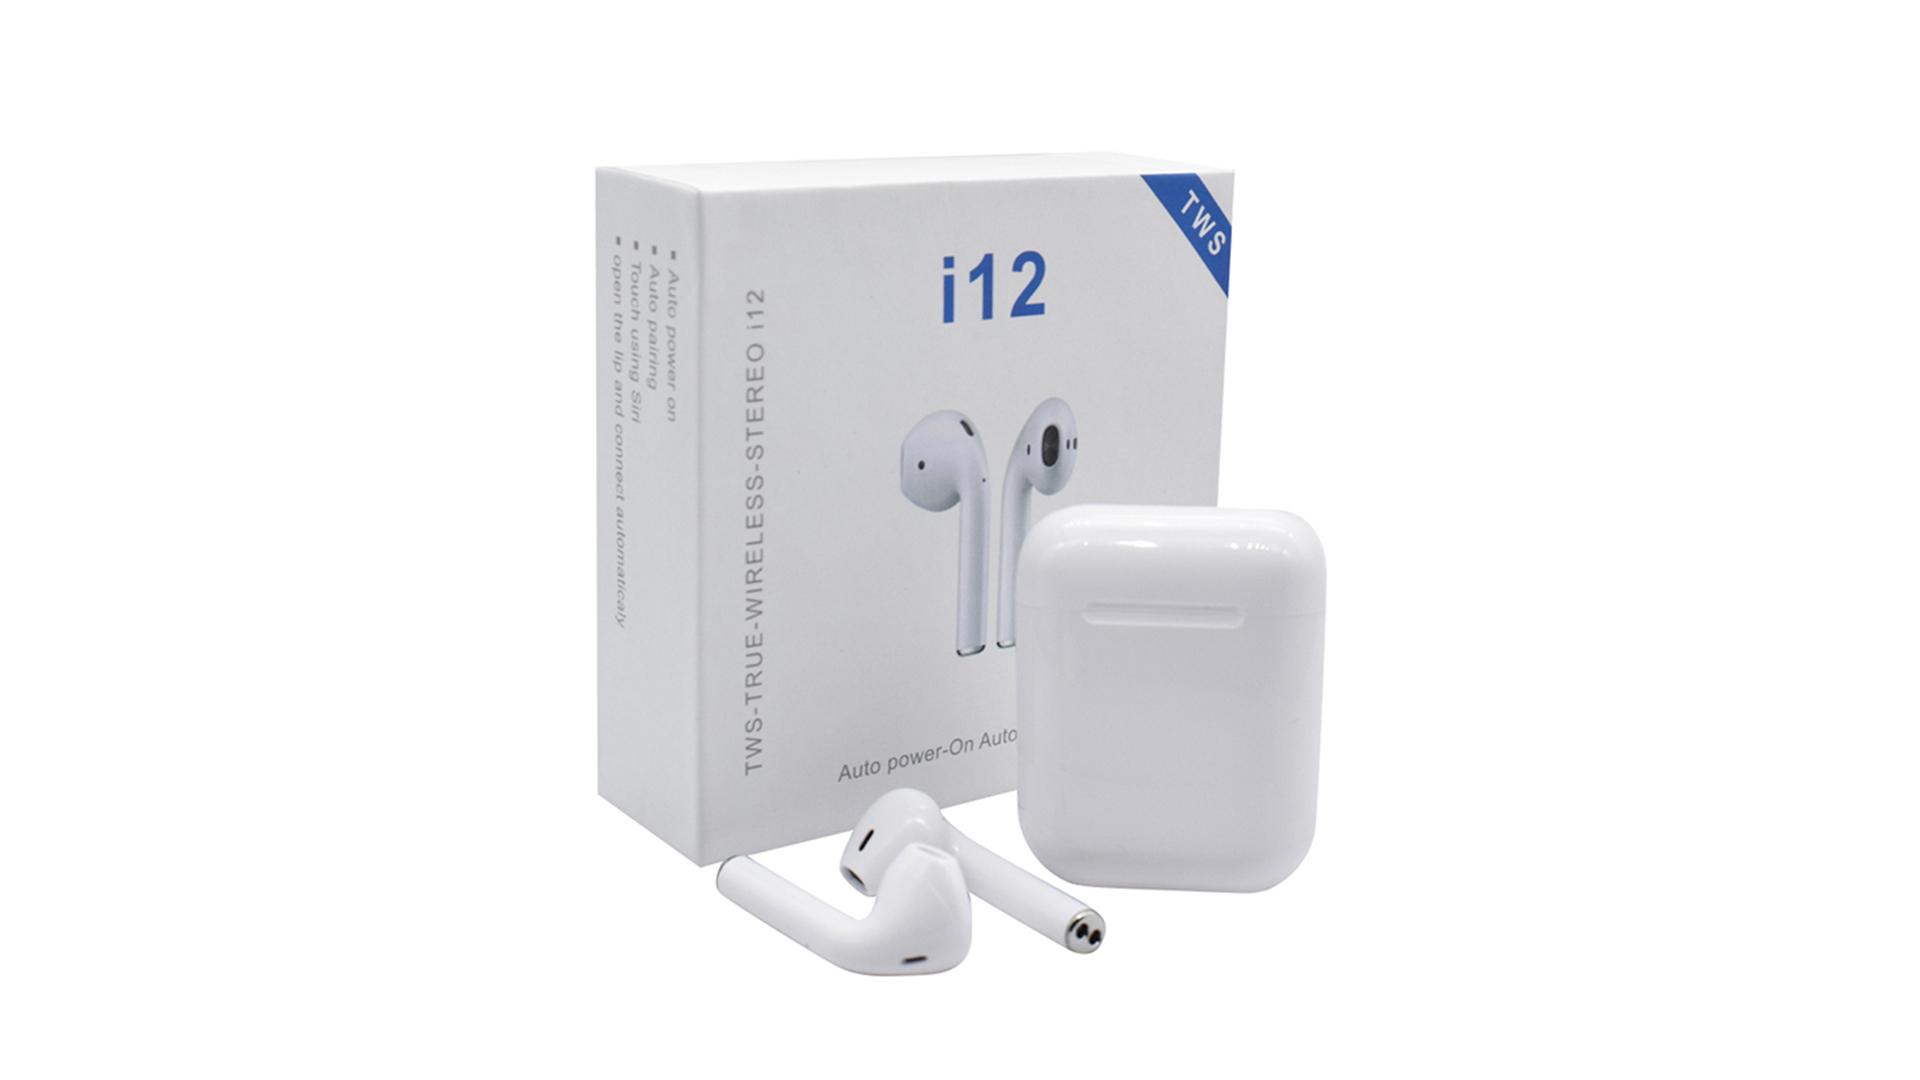 Hot Bán Cặp Song Sinh Cảm Ứng I12 V5.0 TWS Stereo Earbuds I12 Tws Tai Nghe I12 Headphone Với Sạc Trường Hợp Không Dây Sạc TWS